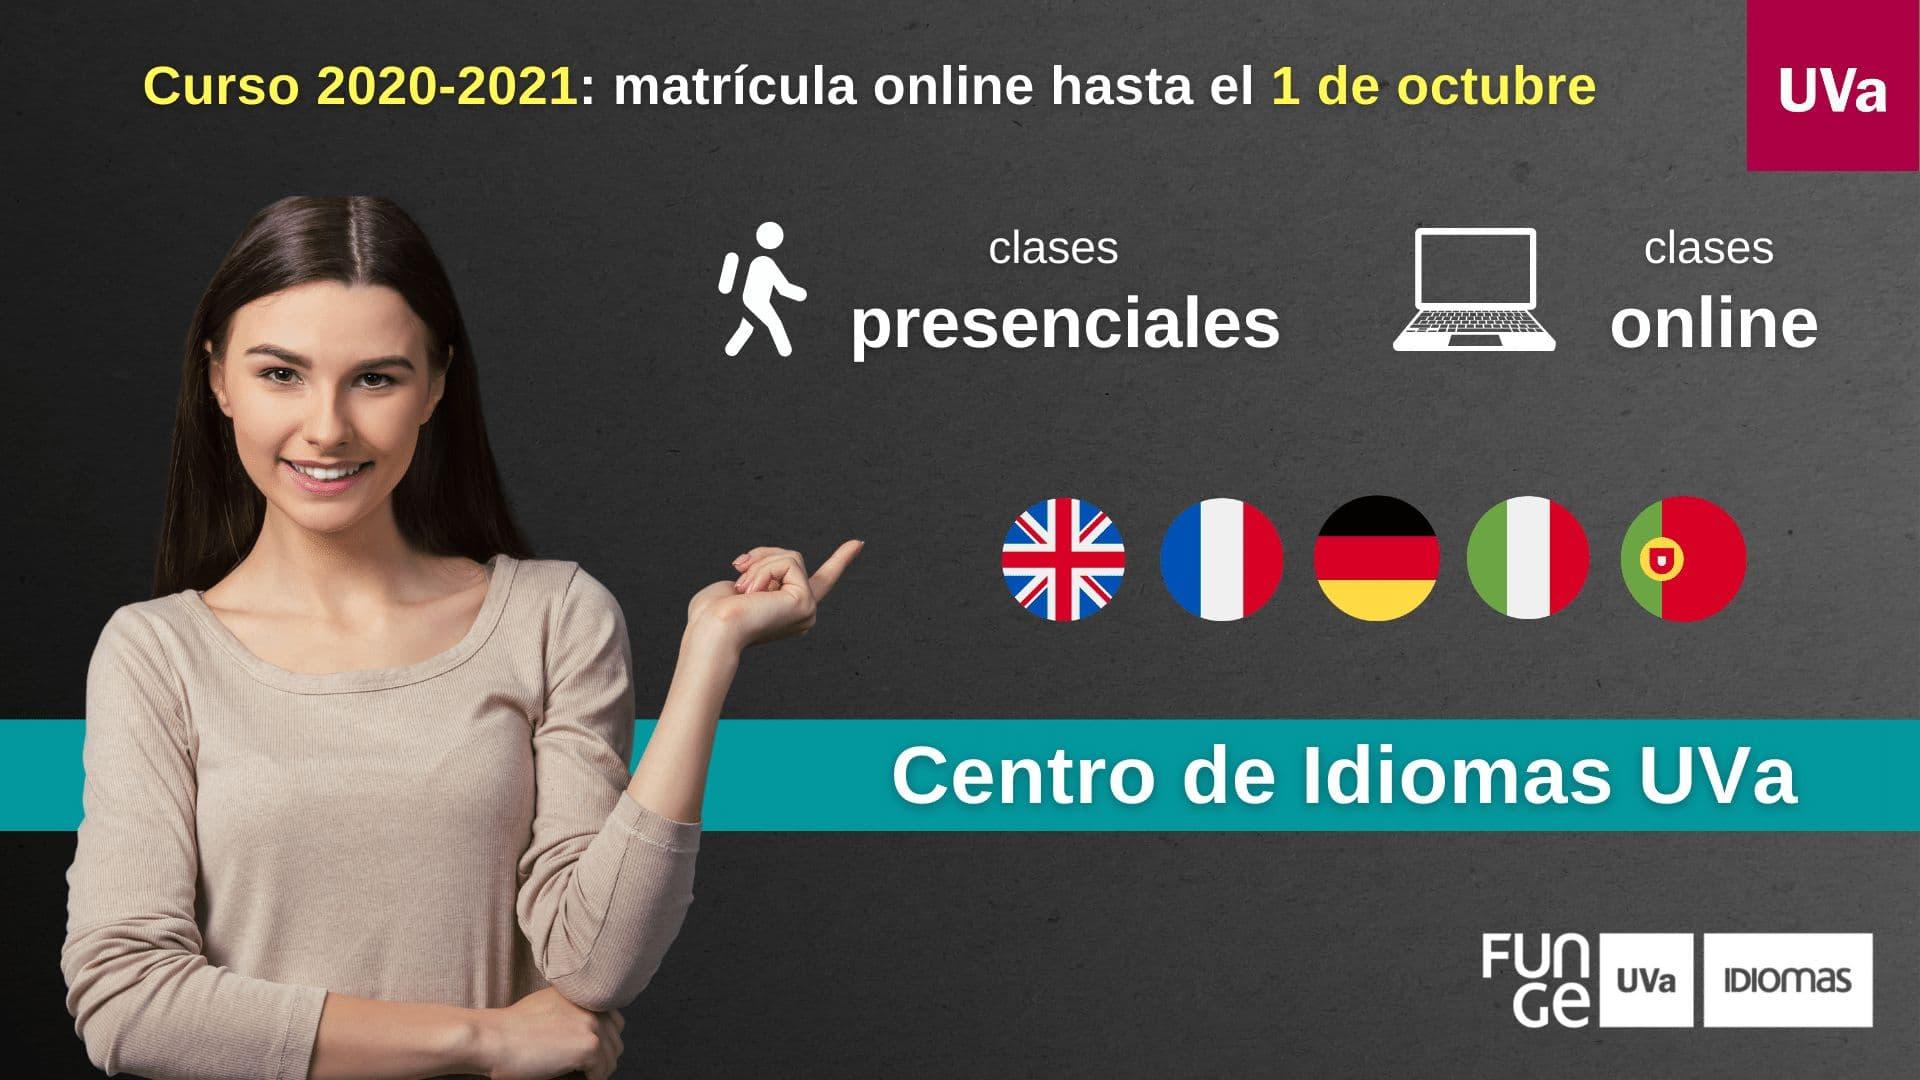 Curso general - Centro de Idiomas de la Universidad de Valladolid - 2020 - 2021